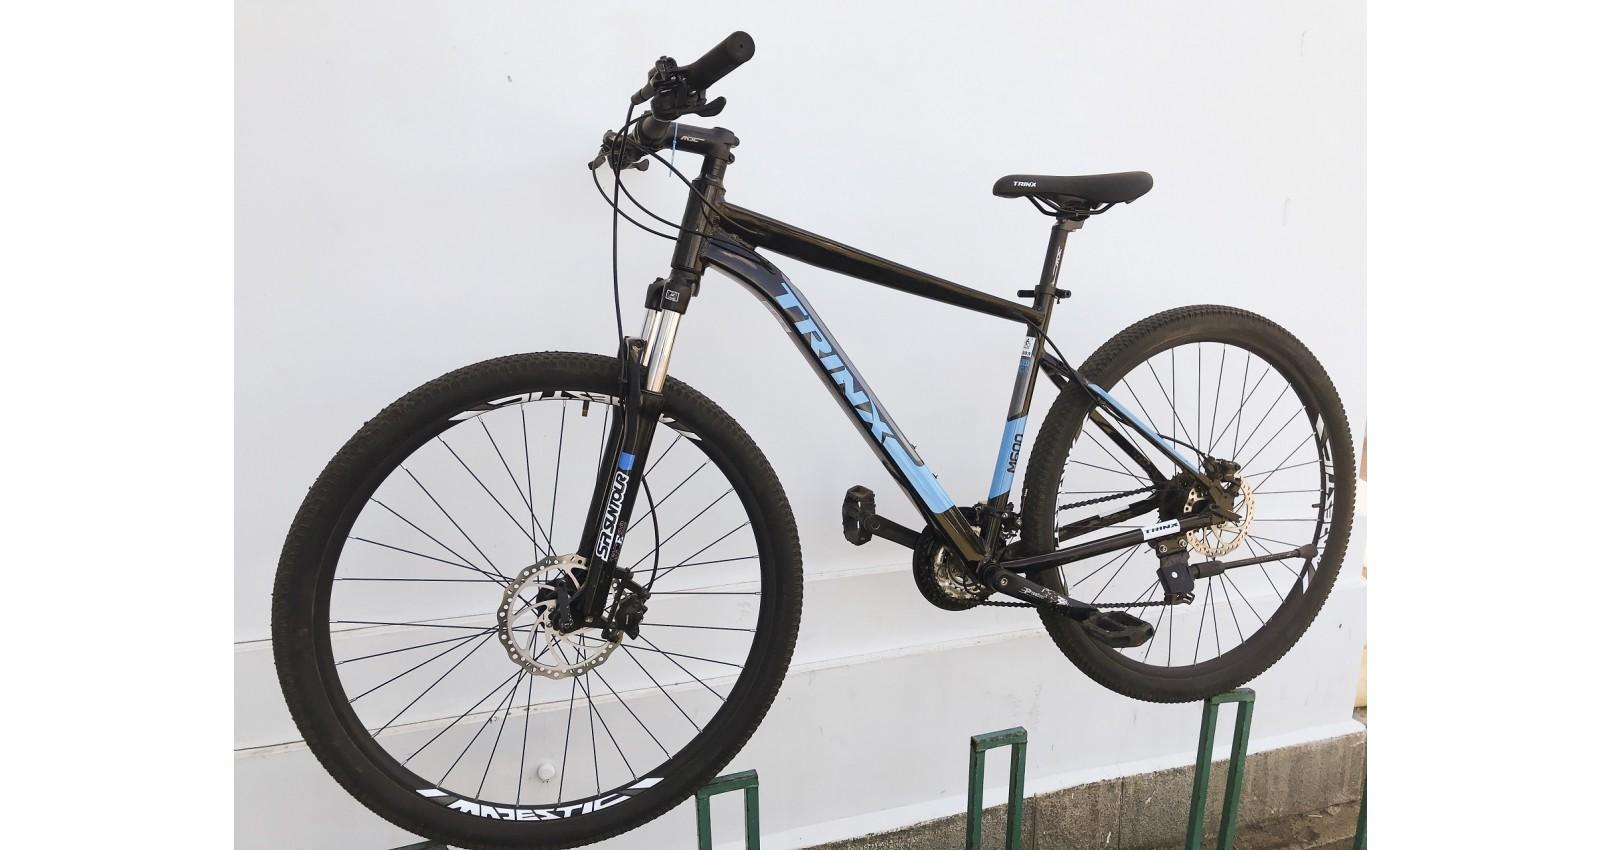 """Велосипед М600 Expert Pro Trinx 29"""" рама 17, 2020 черный/серый/голубой б/у - № Фото 1"""